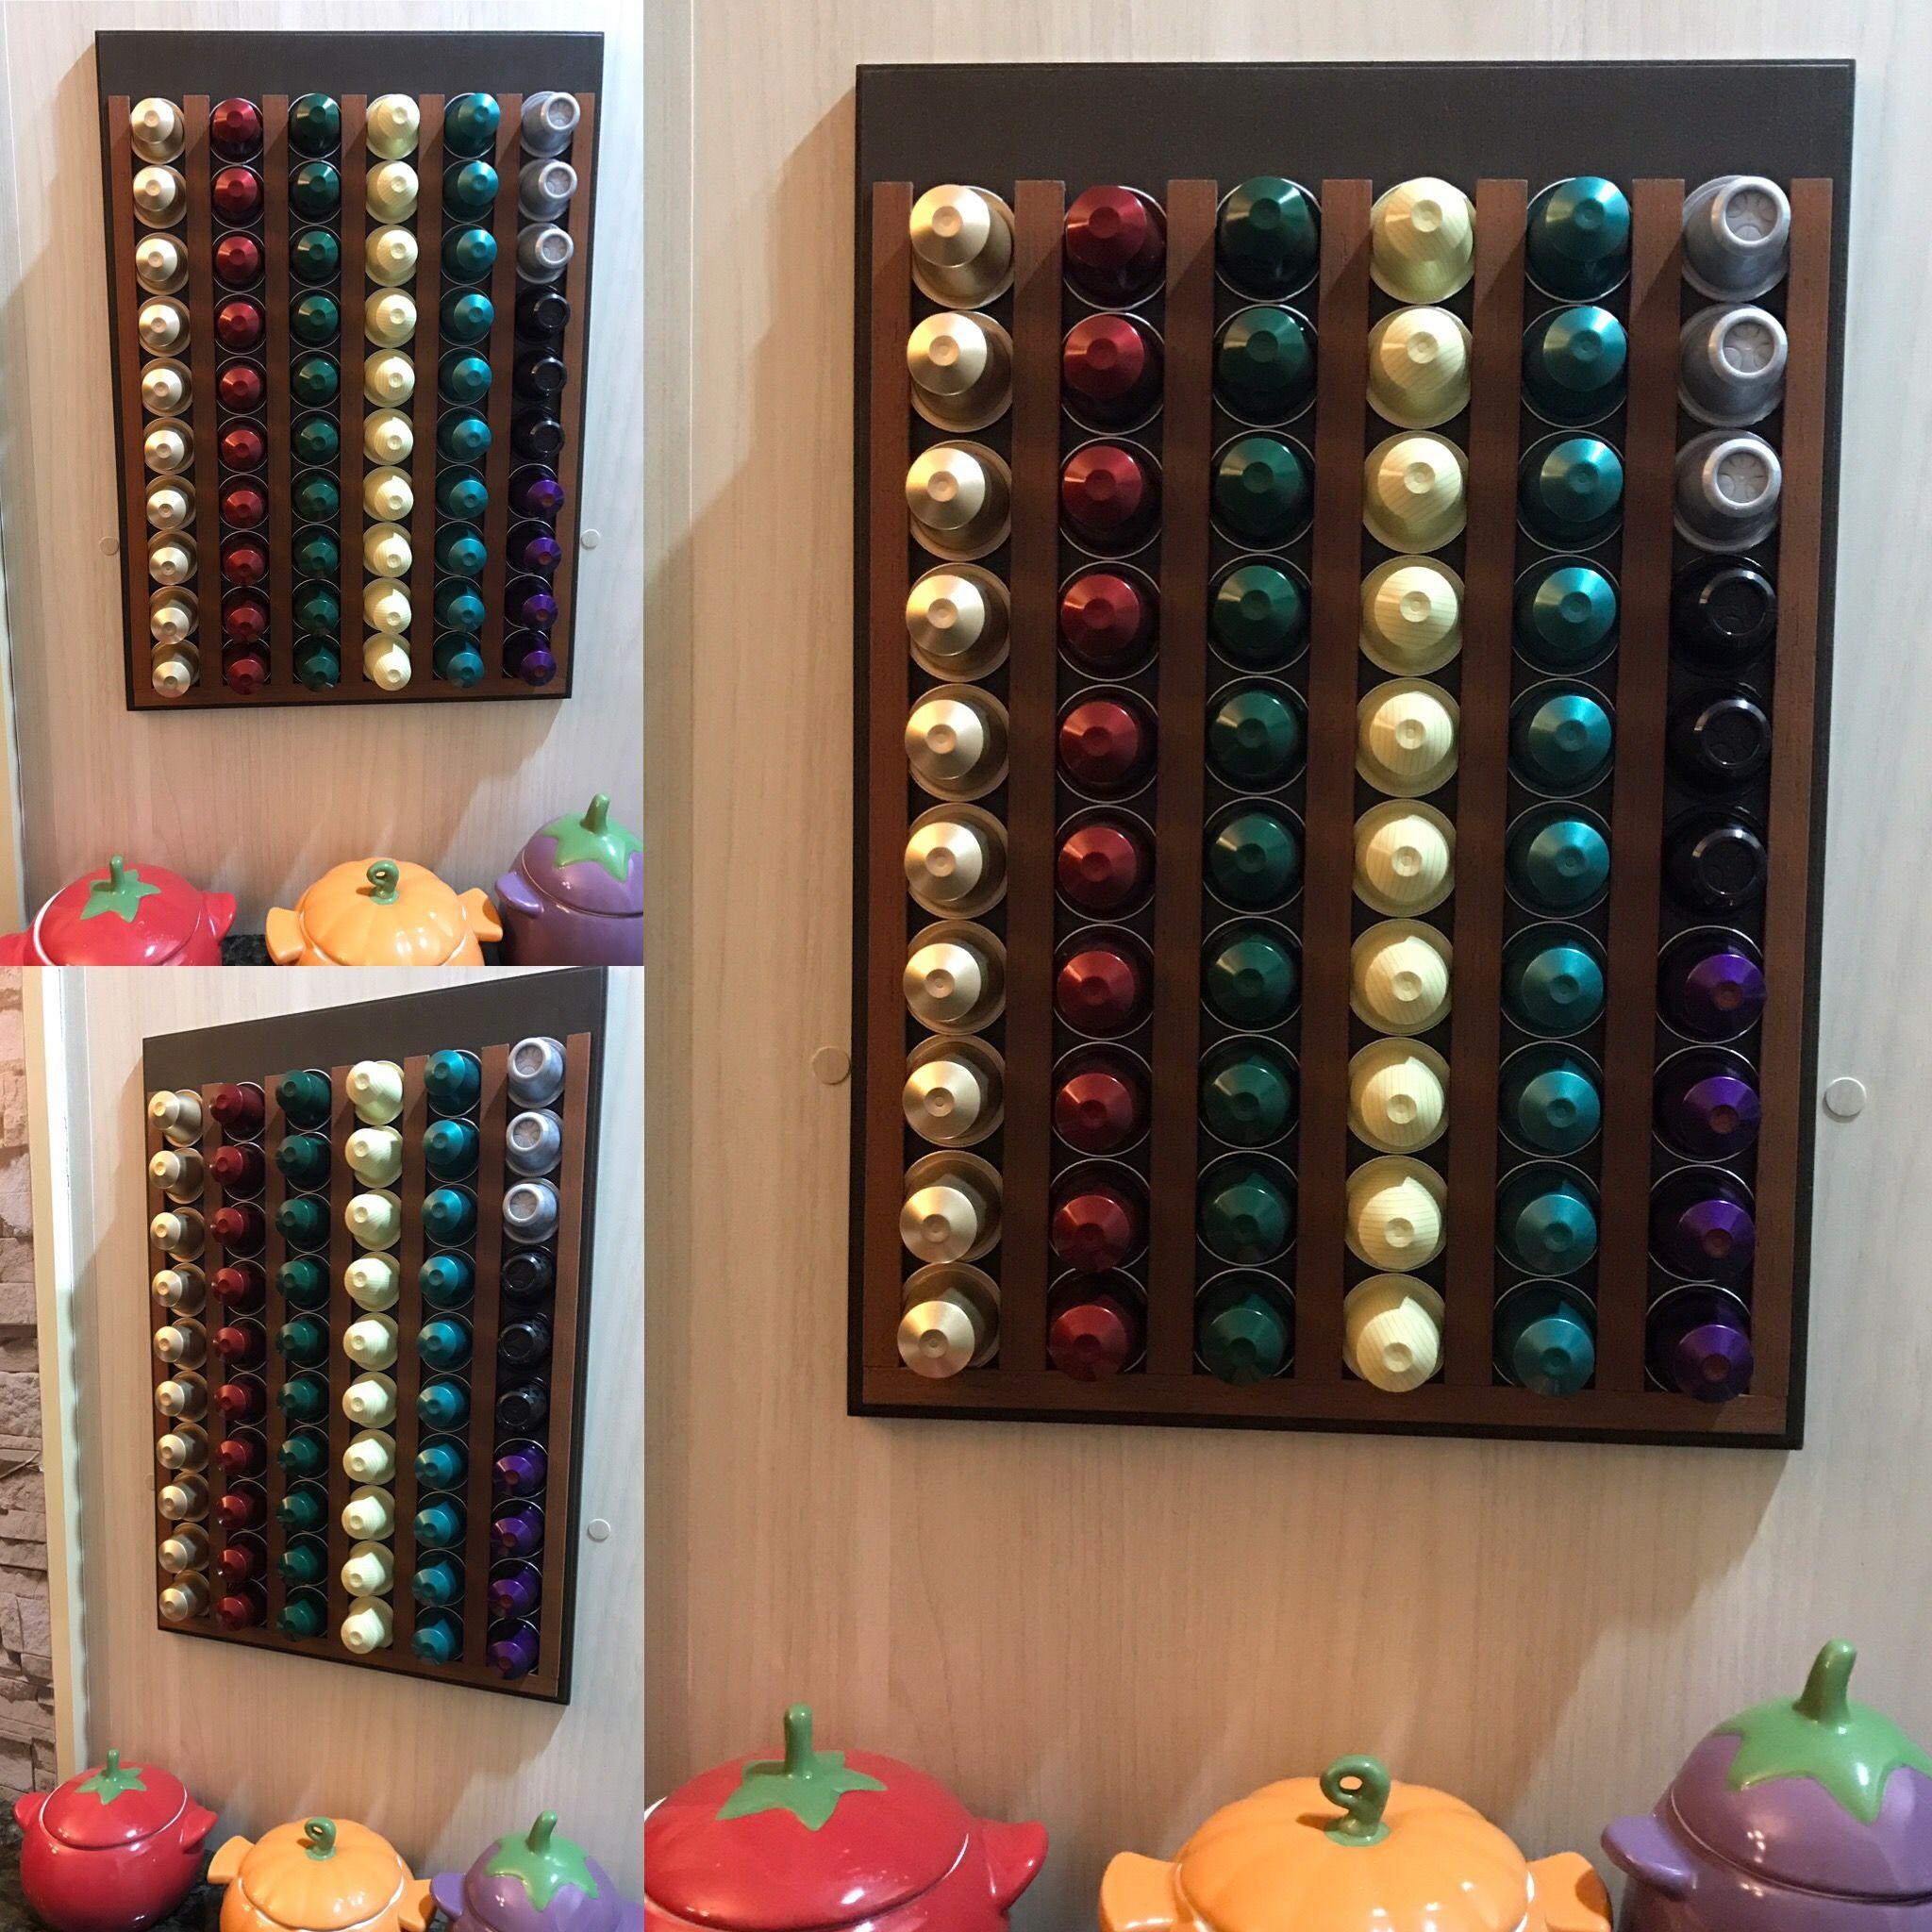 Porta Capsula De Cafe Nespresso Com Imagens Porta Capsulas